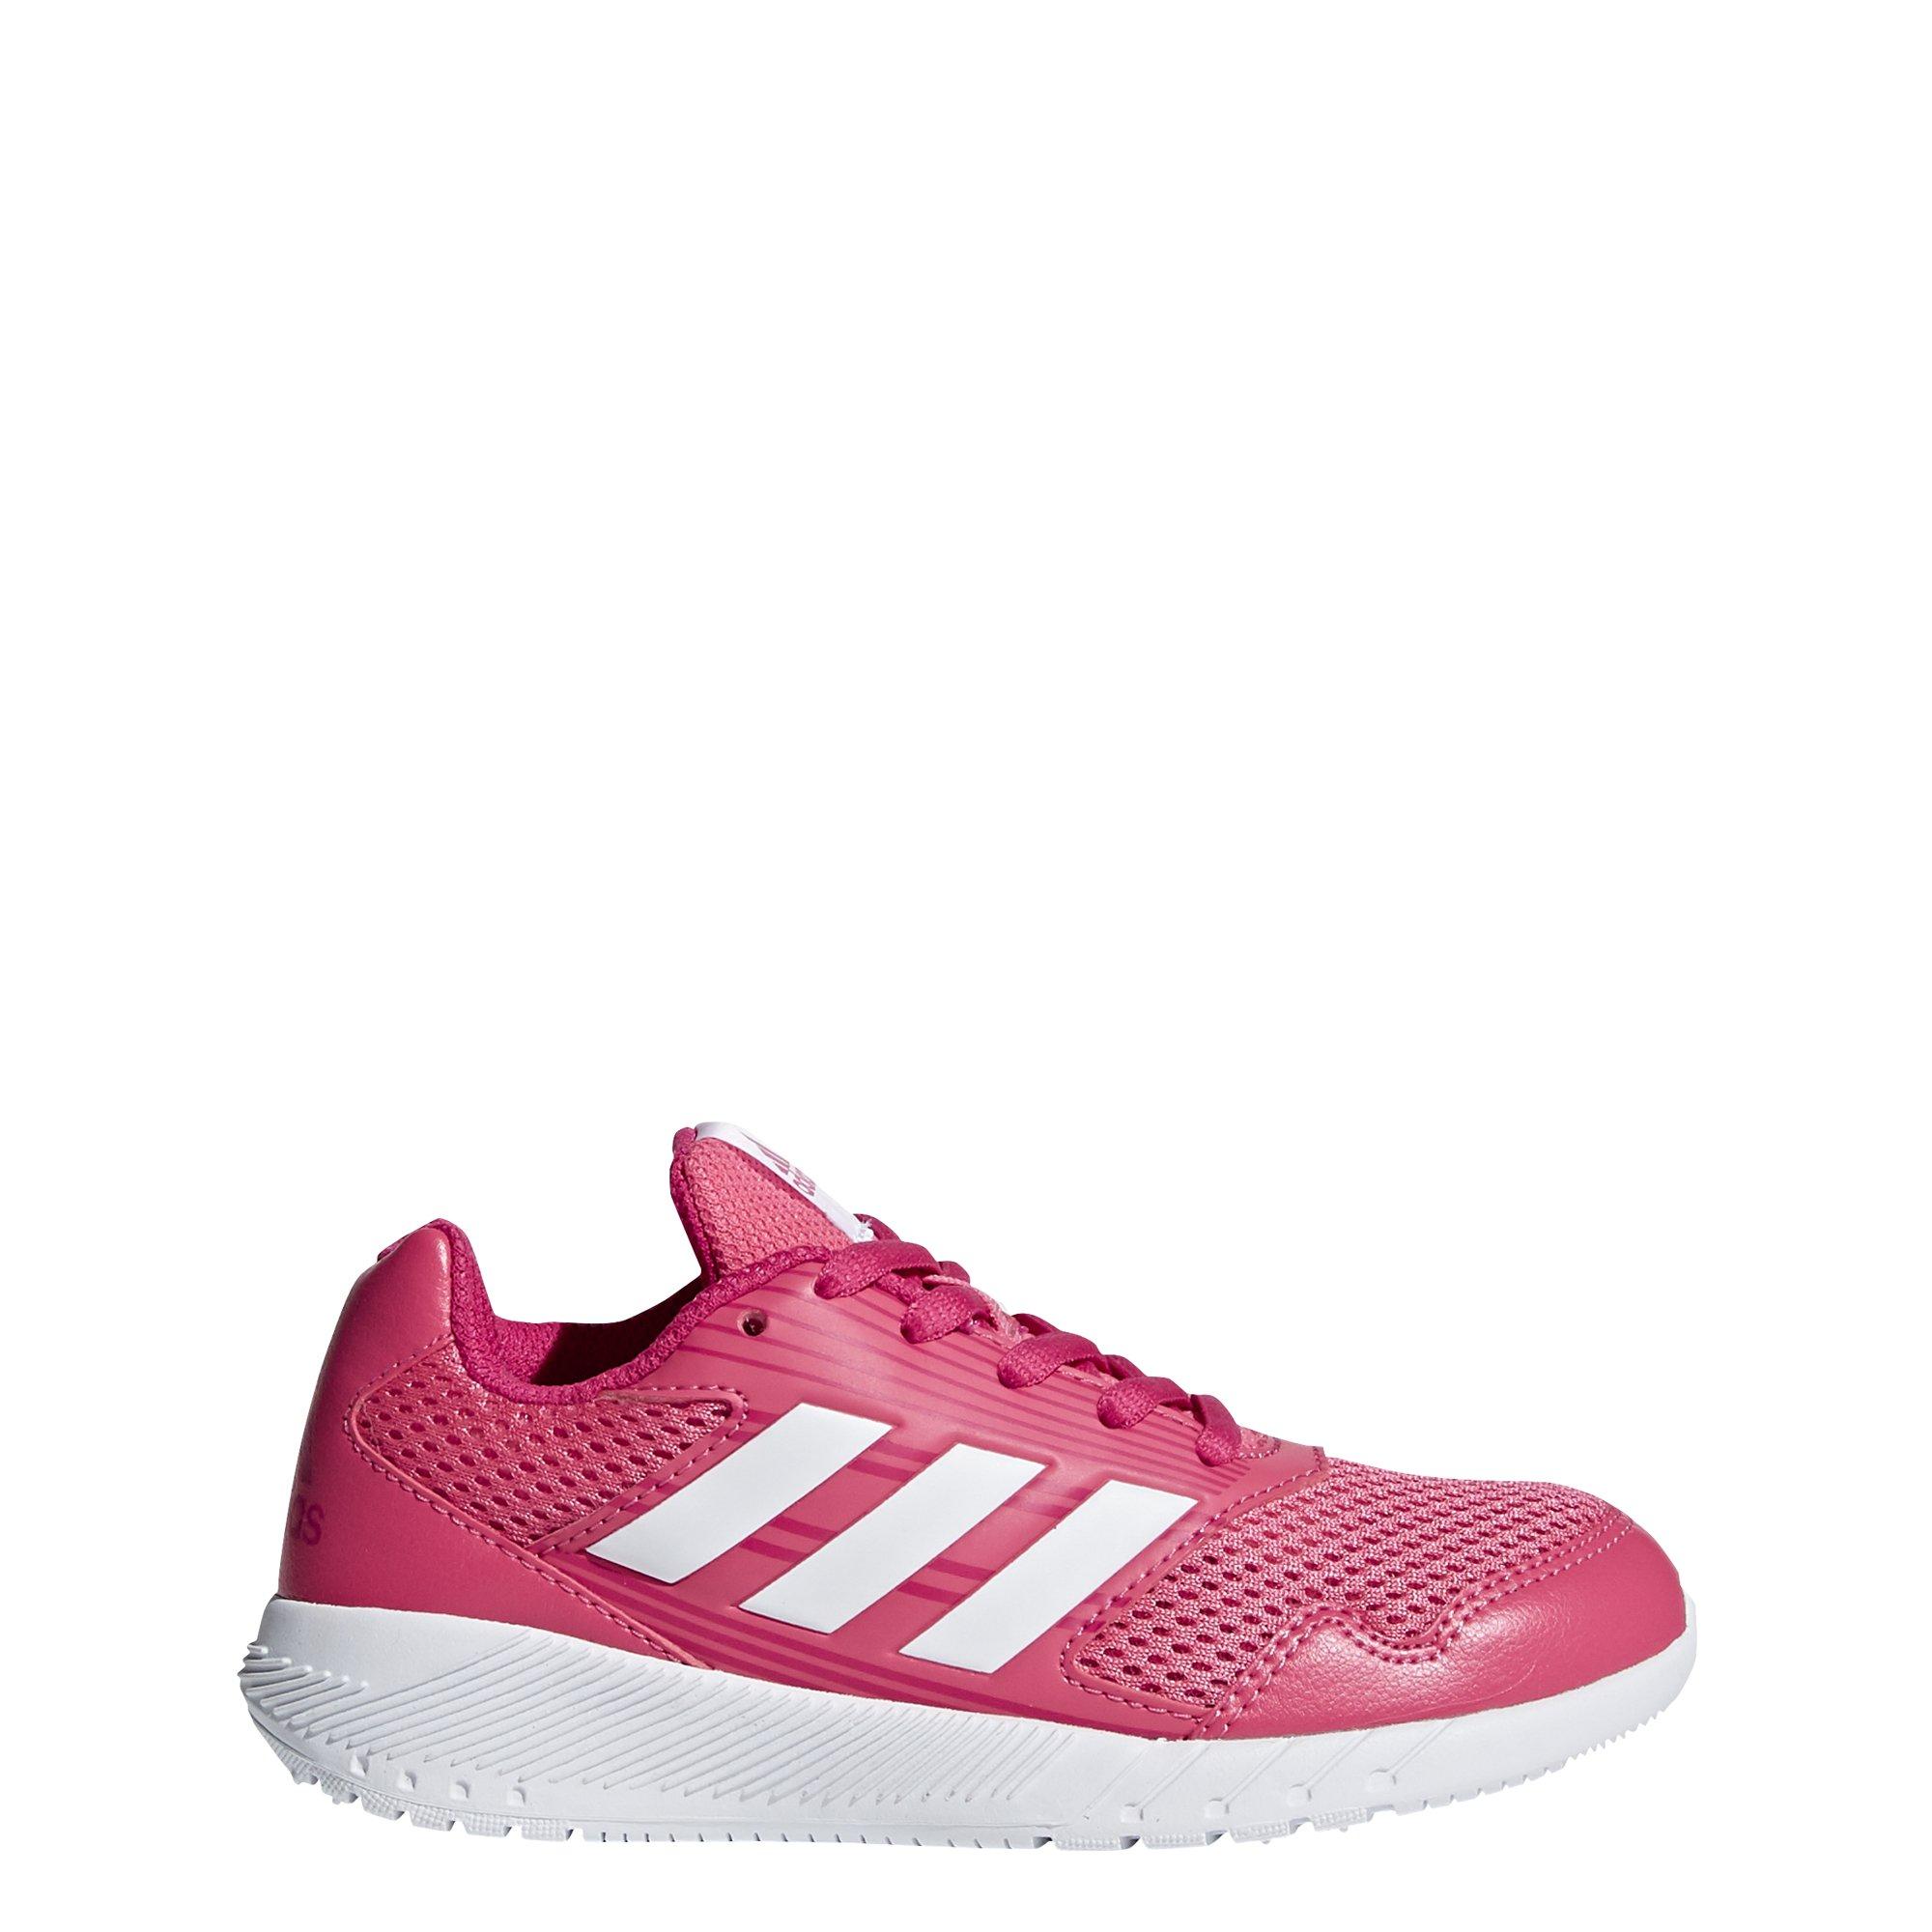 Details about adidas Kids' Altarun Running Shoe Toddler Size 5K